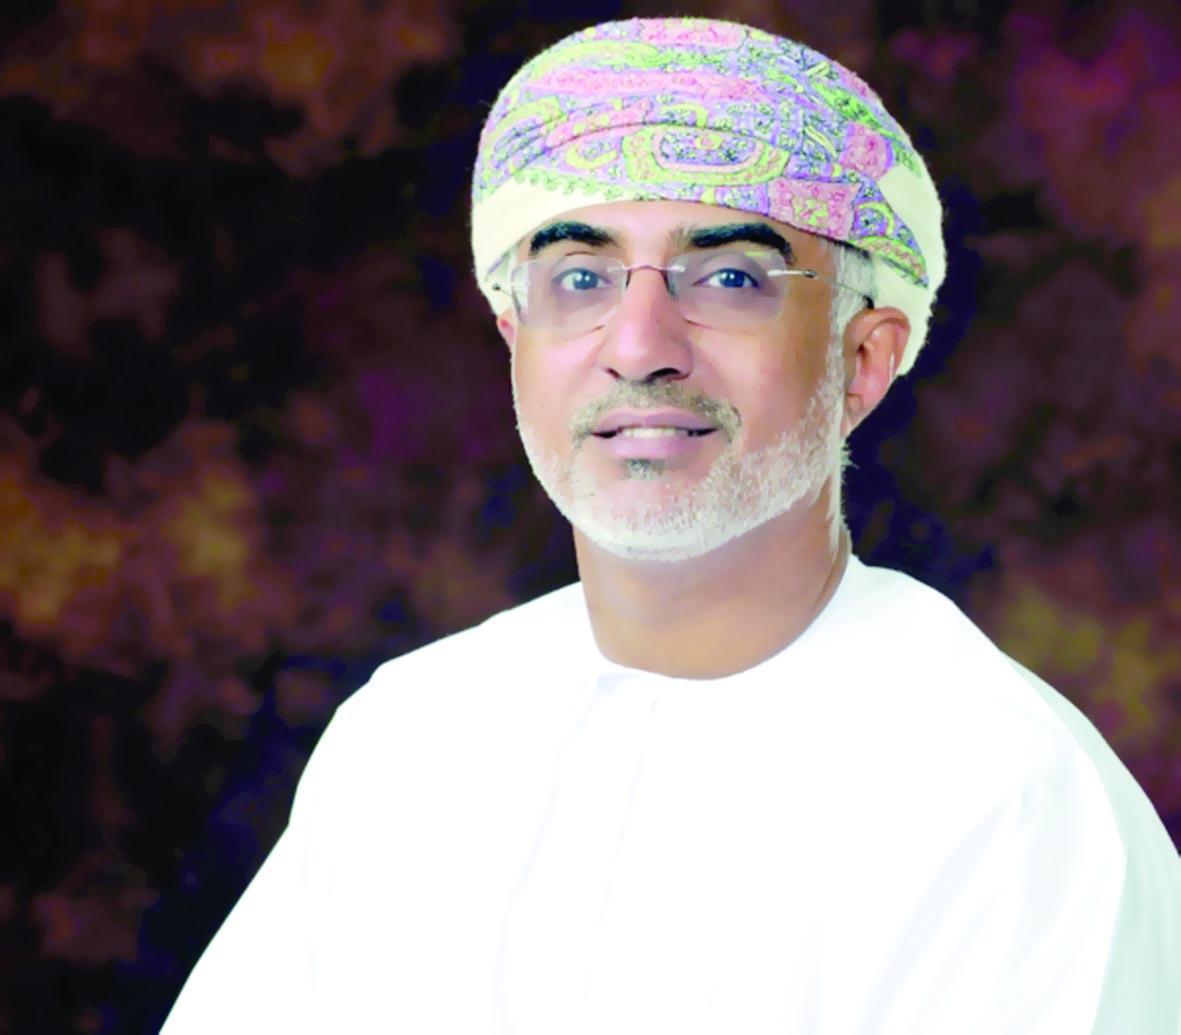 إنشاء مركز للبحوث الطبية في جامعة السلطان قابوس